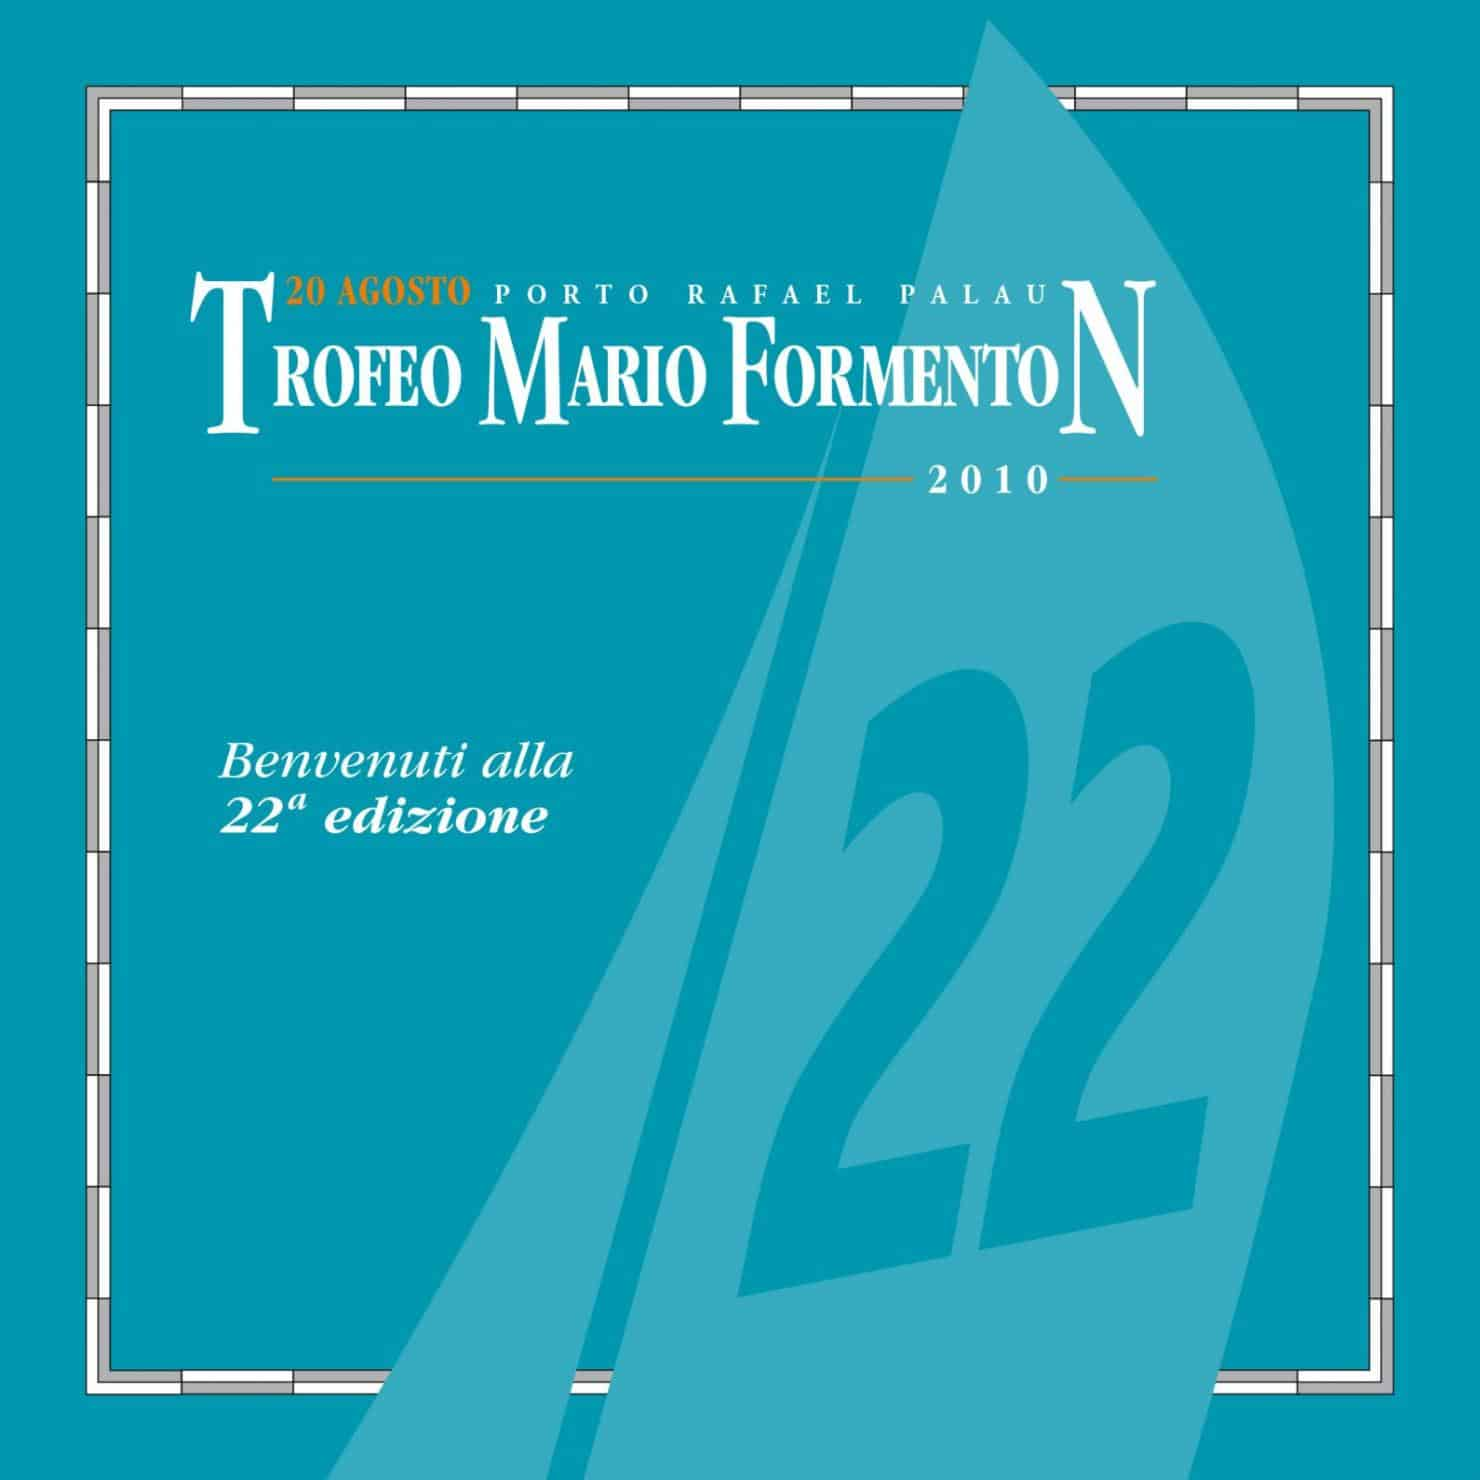 trofeo-forment_2010-copertina